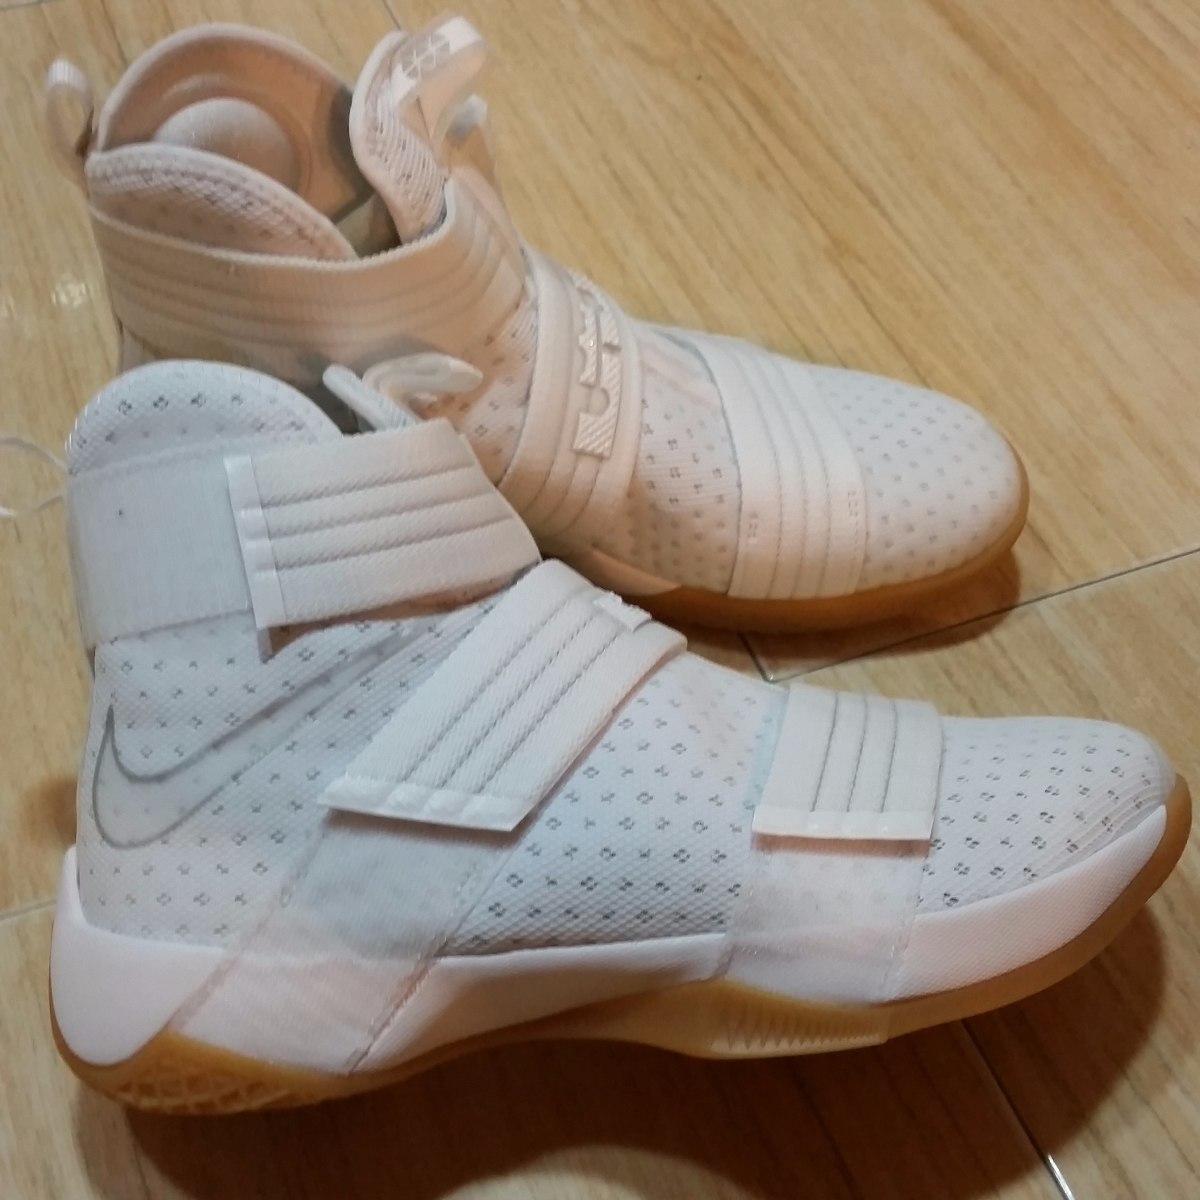 ... zapatos nike lebron soldier 10 originales talla 9.5 blancas ...